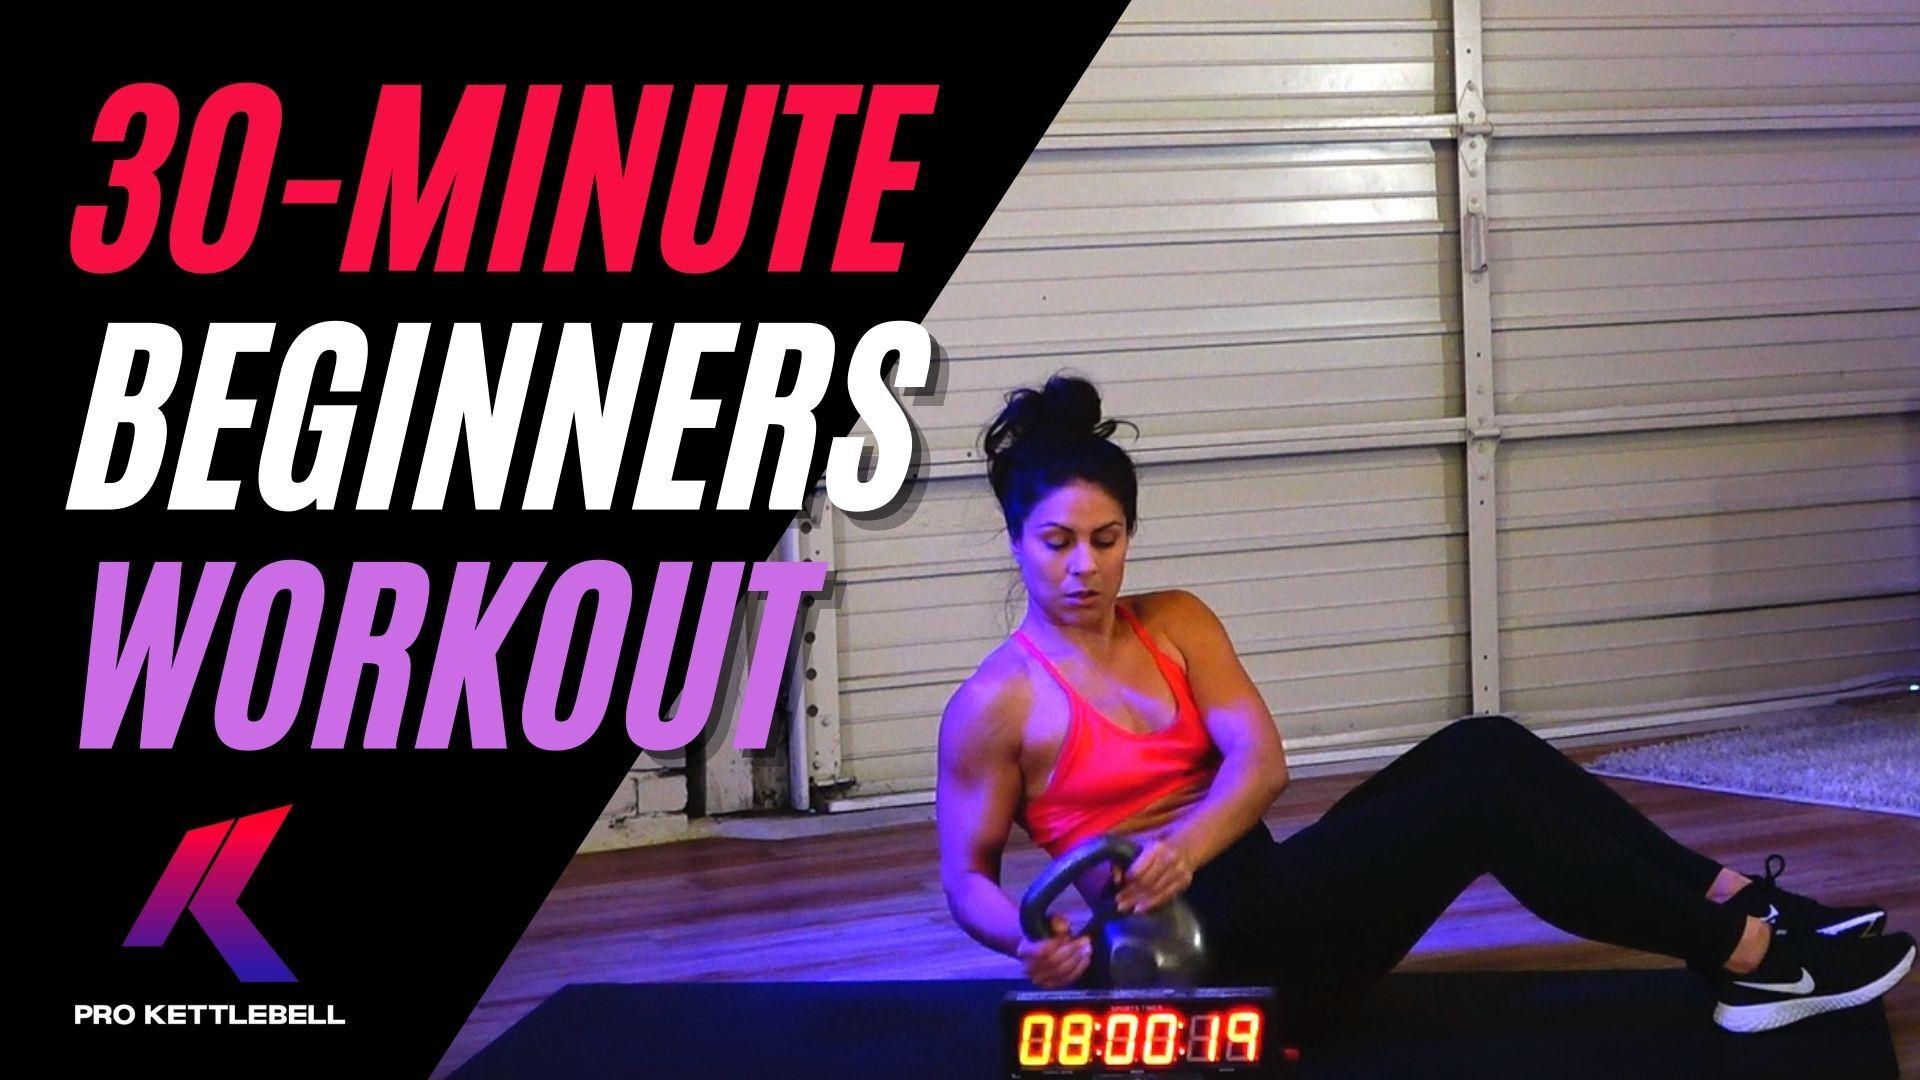 Beginners Kettlebell Workout Class Online